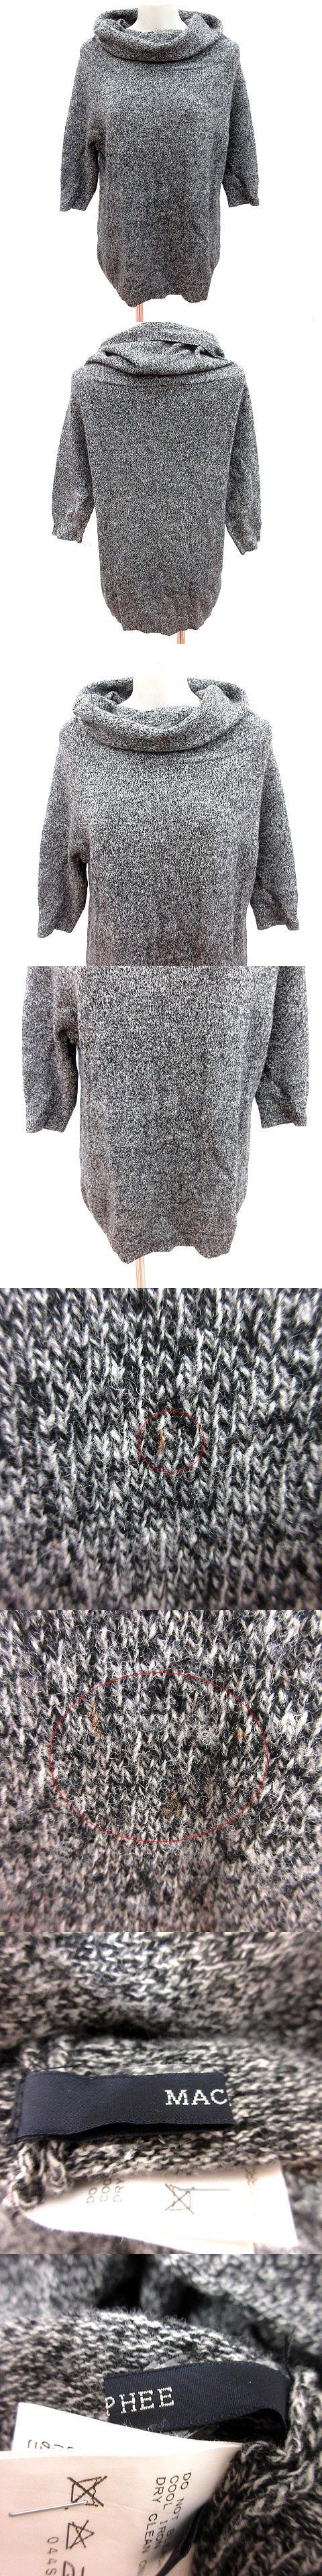 ニット セーター タートルネック 五分袖 ウール 1 グレー /RT